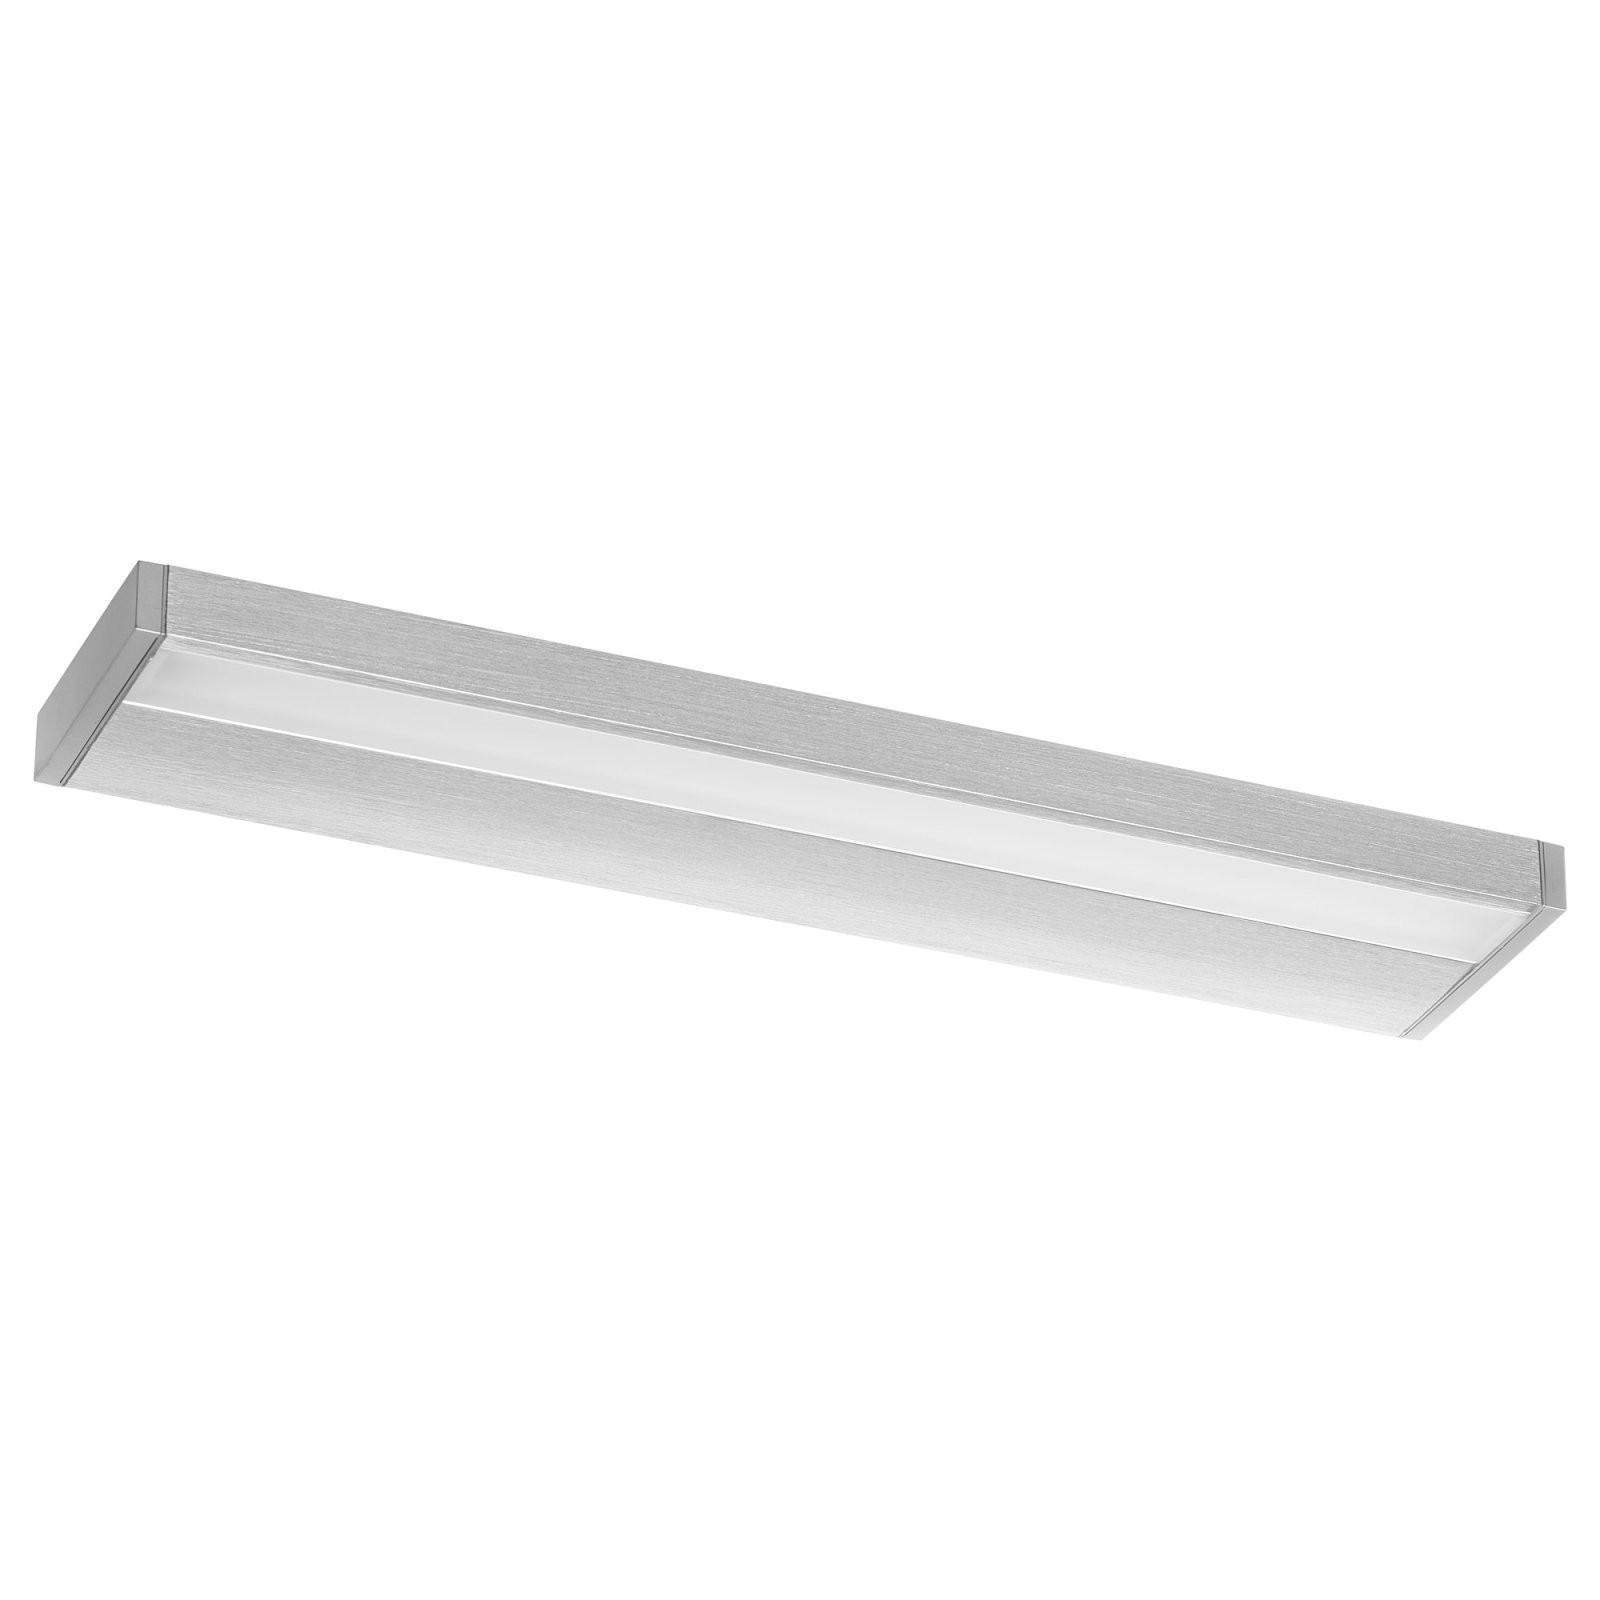 Godmorgon Schrankwandleuchte Led  Ikea von Wandlampe Mit Schalter Ikea Bild